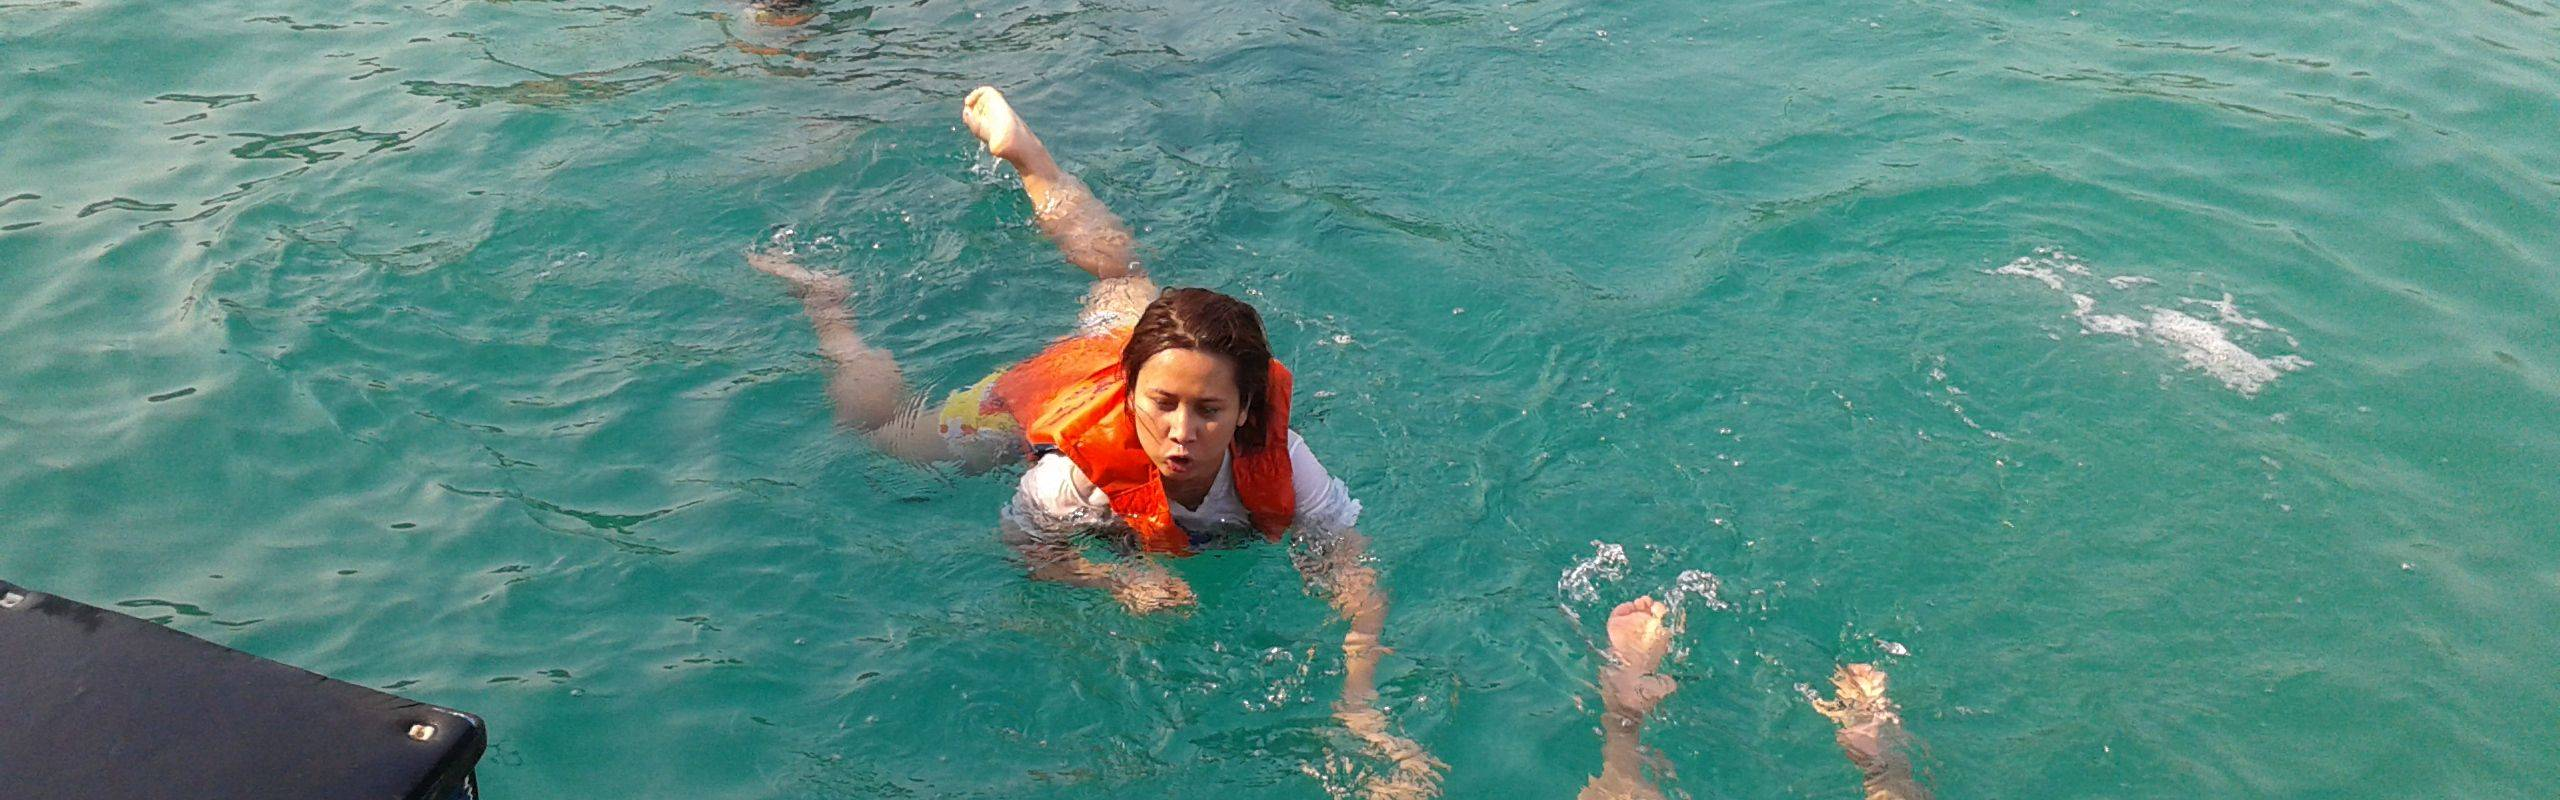 Pattaya Snorkeling Tour